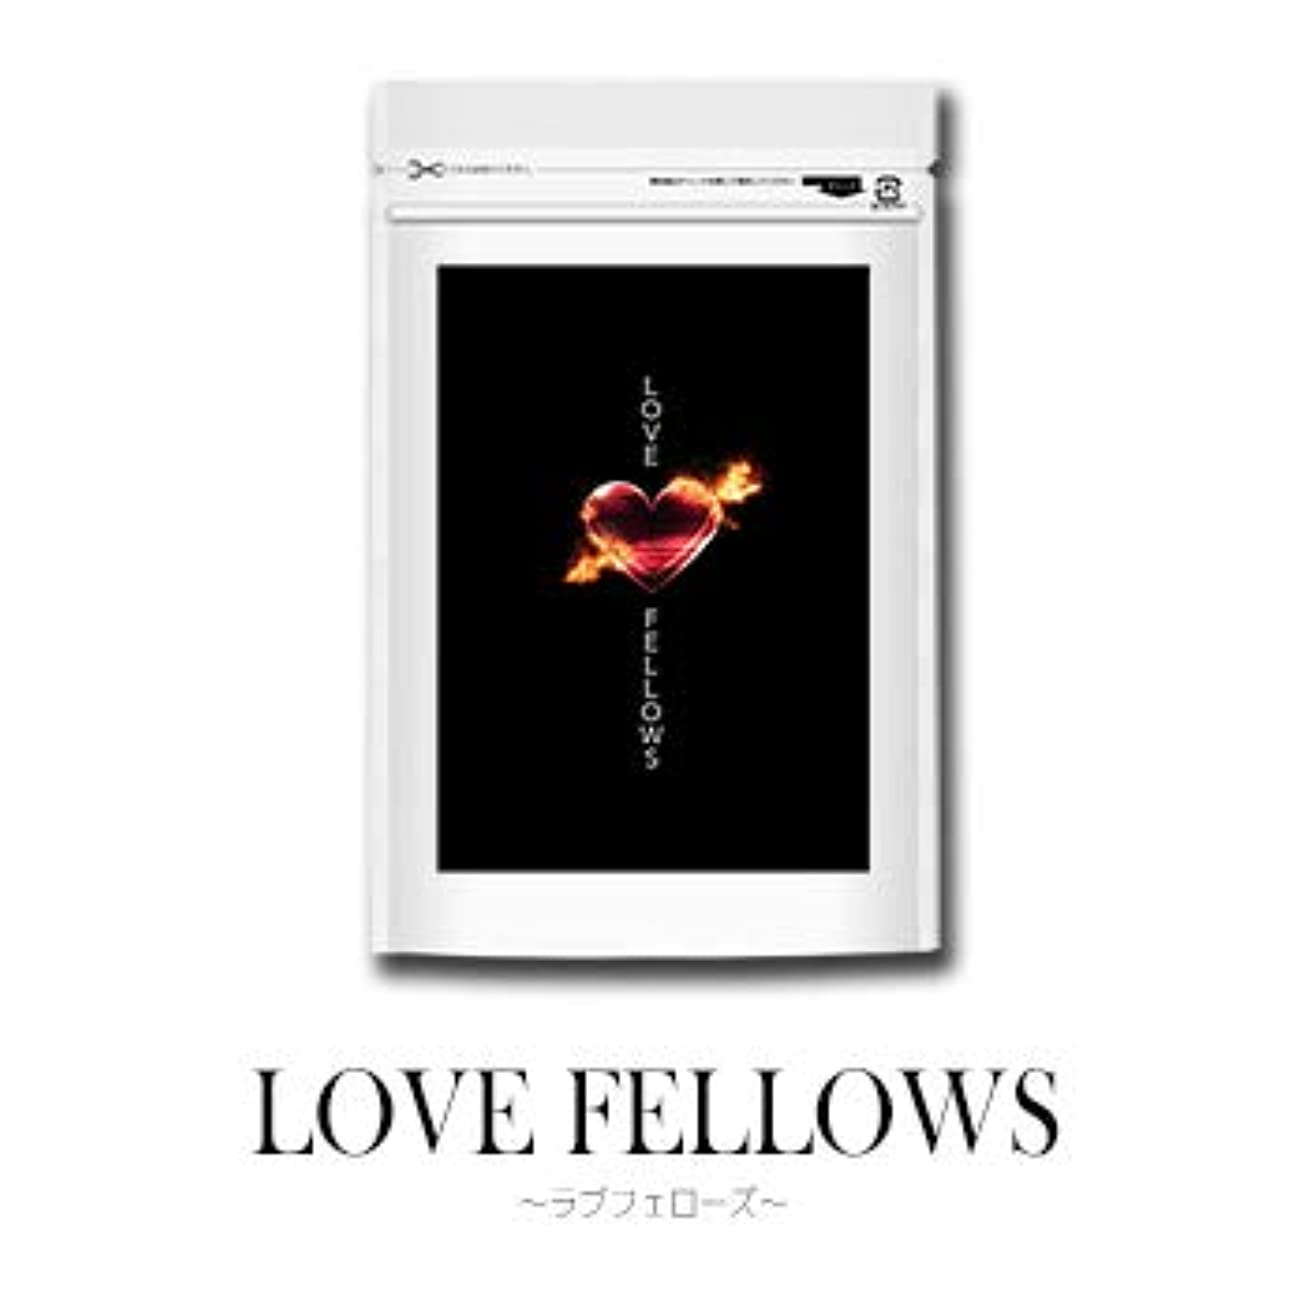 自体継続中バーチャルラブフェローズ LOVE FELOWS サプリ 男性用 自信 フェロモン